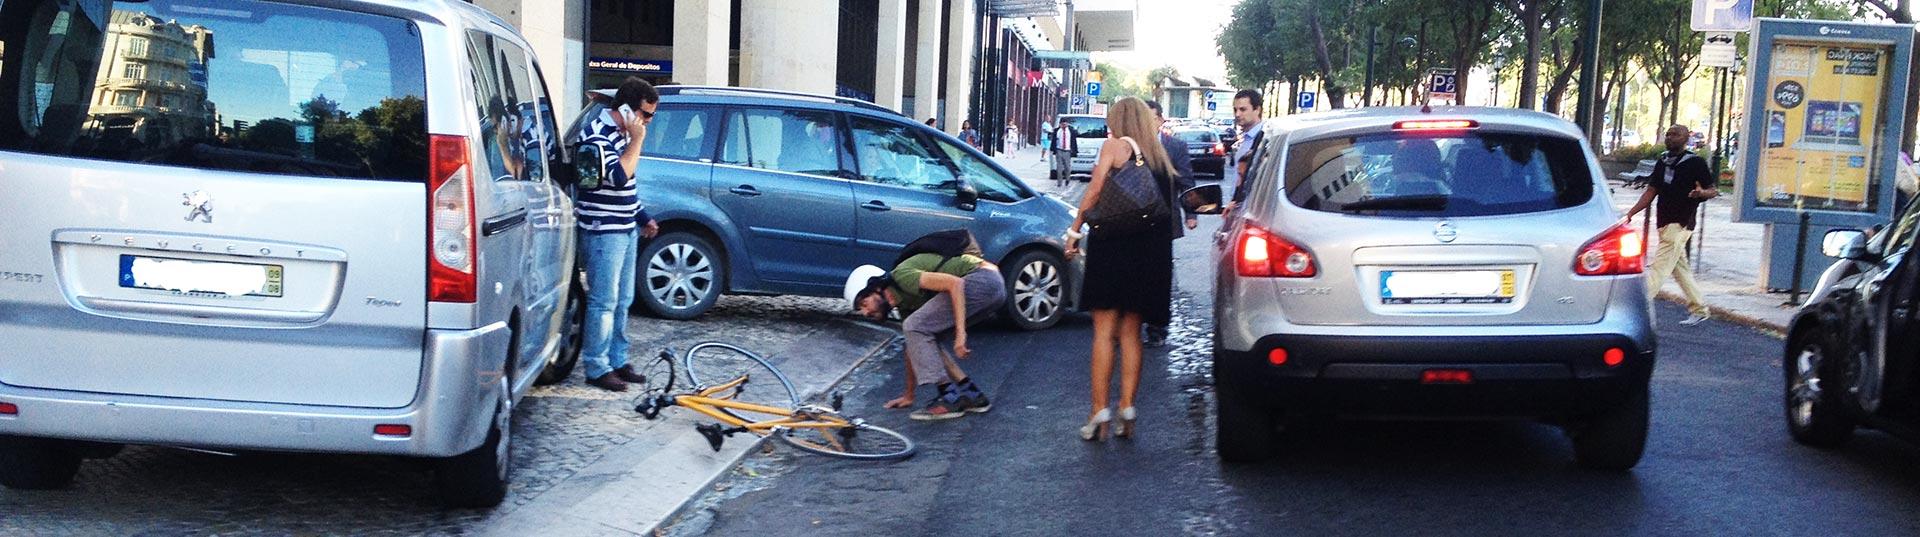 acidente com bicicleta